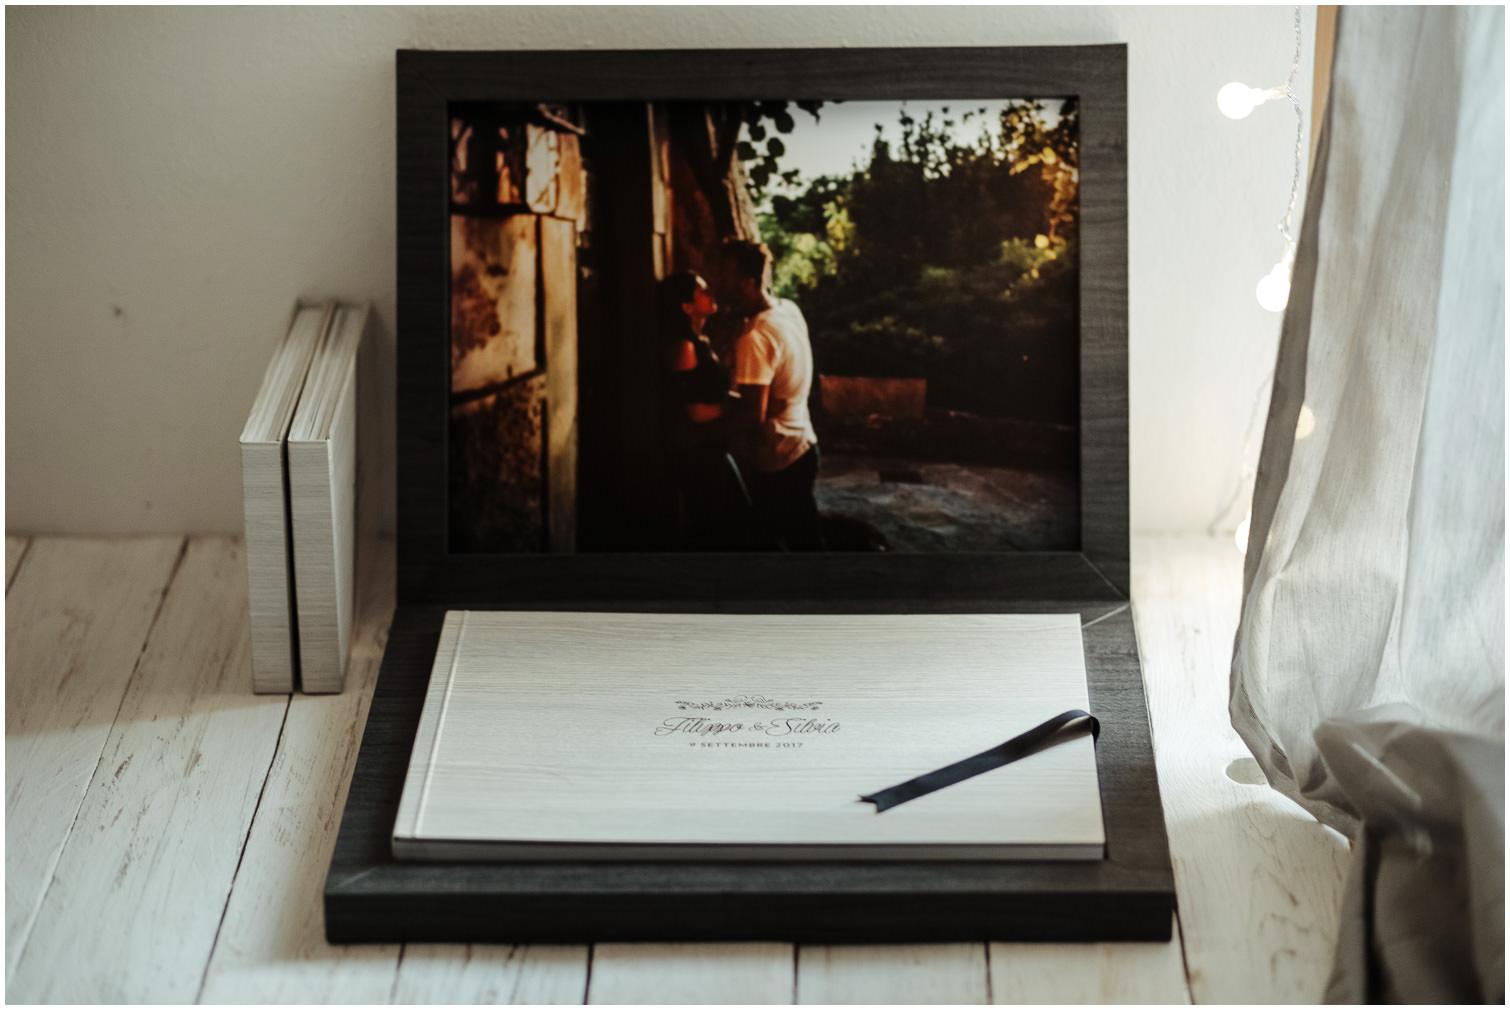 SARA-LORENZONI-FOTOGRAFIA-SILVIA-FILIPPO-YOUNG-BOOK-4